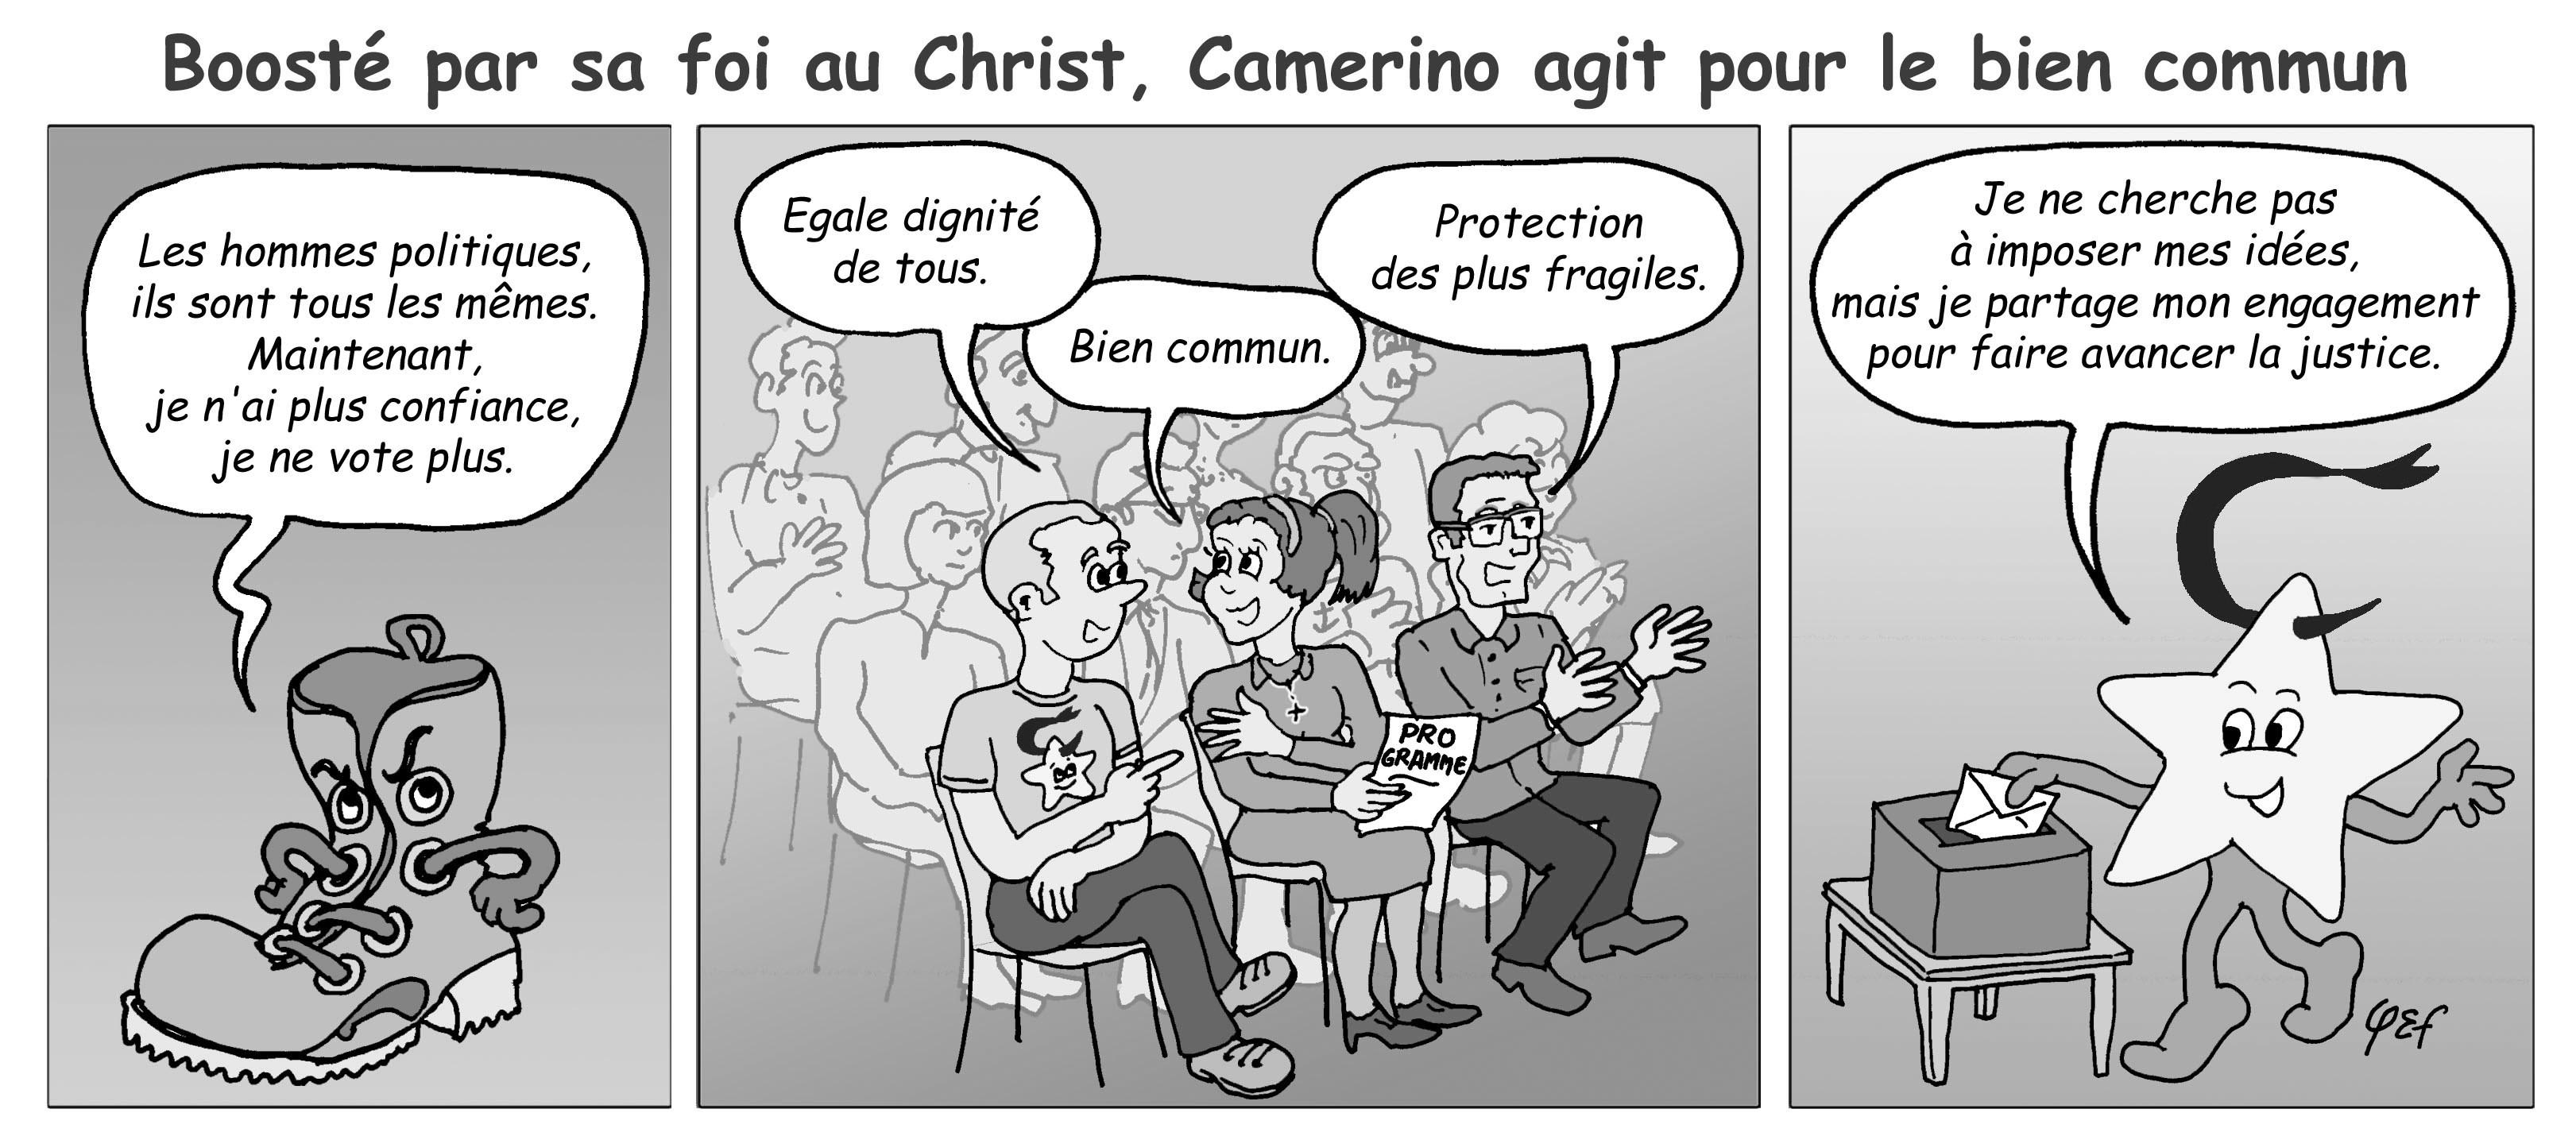 Camérino et les élections (grisé)